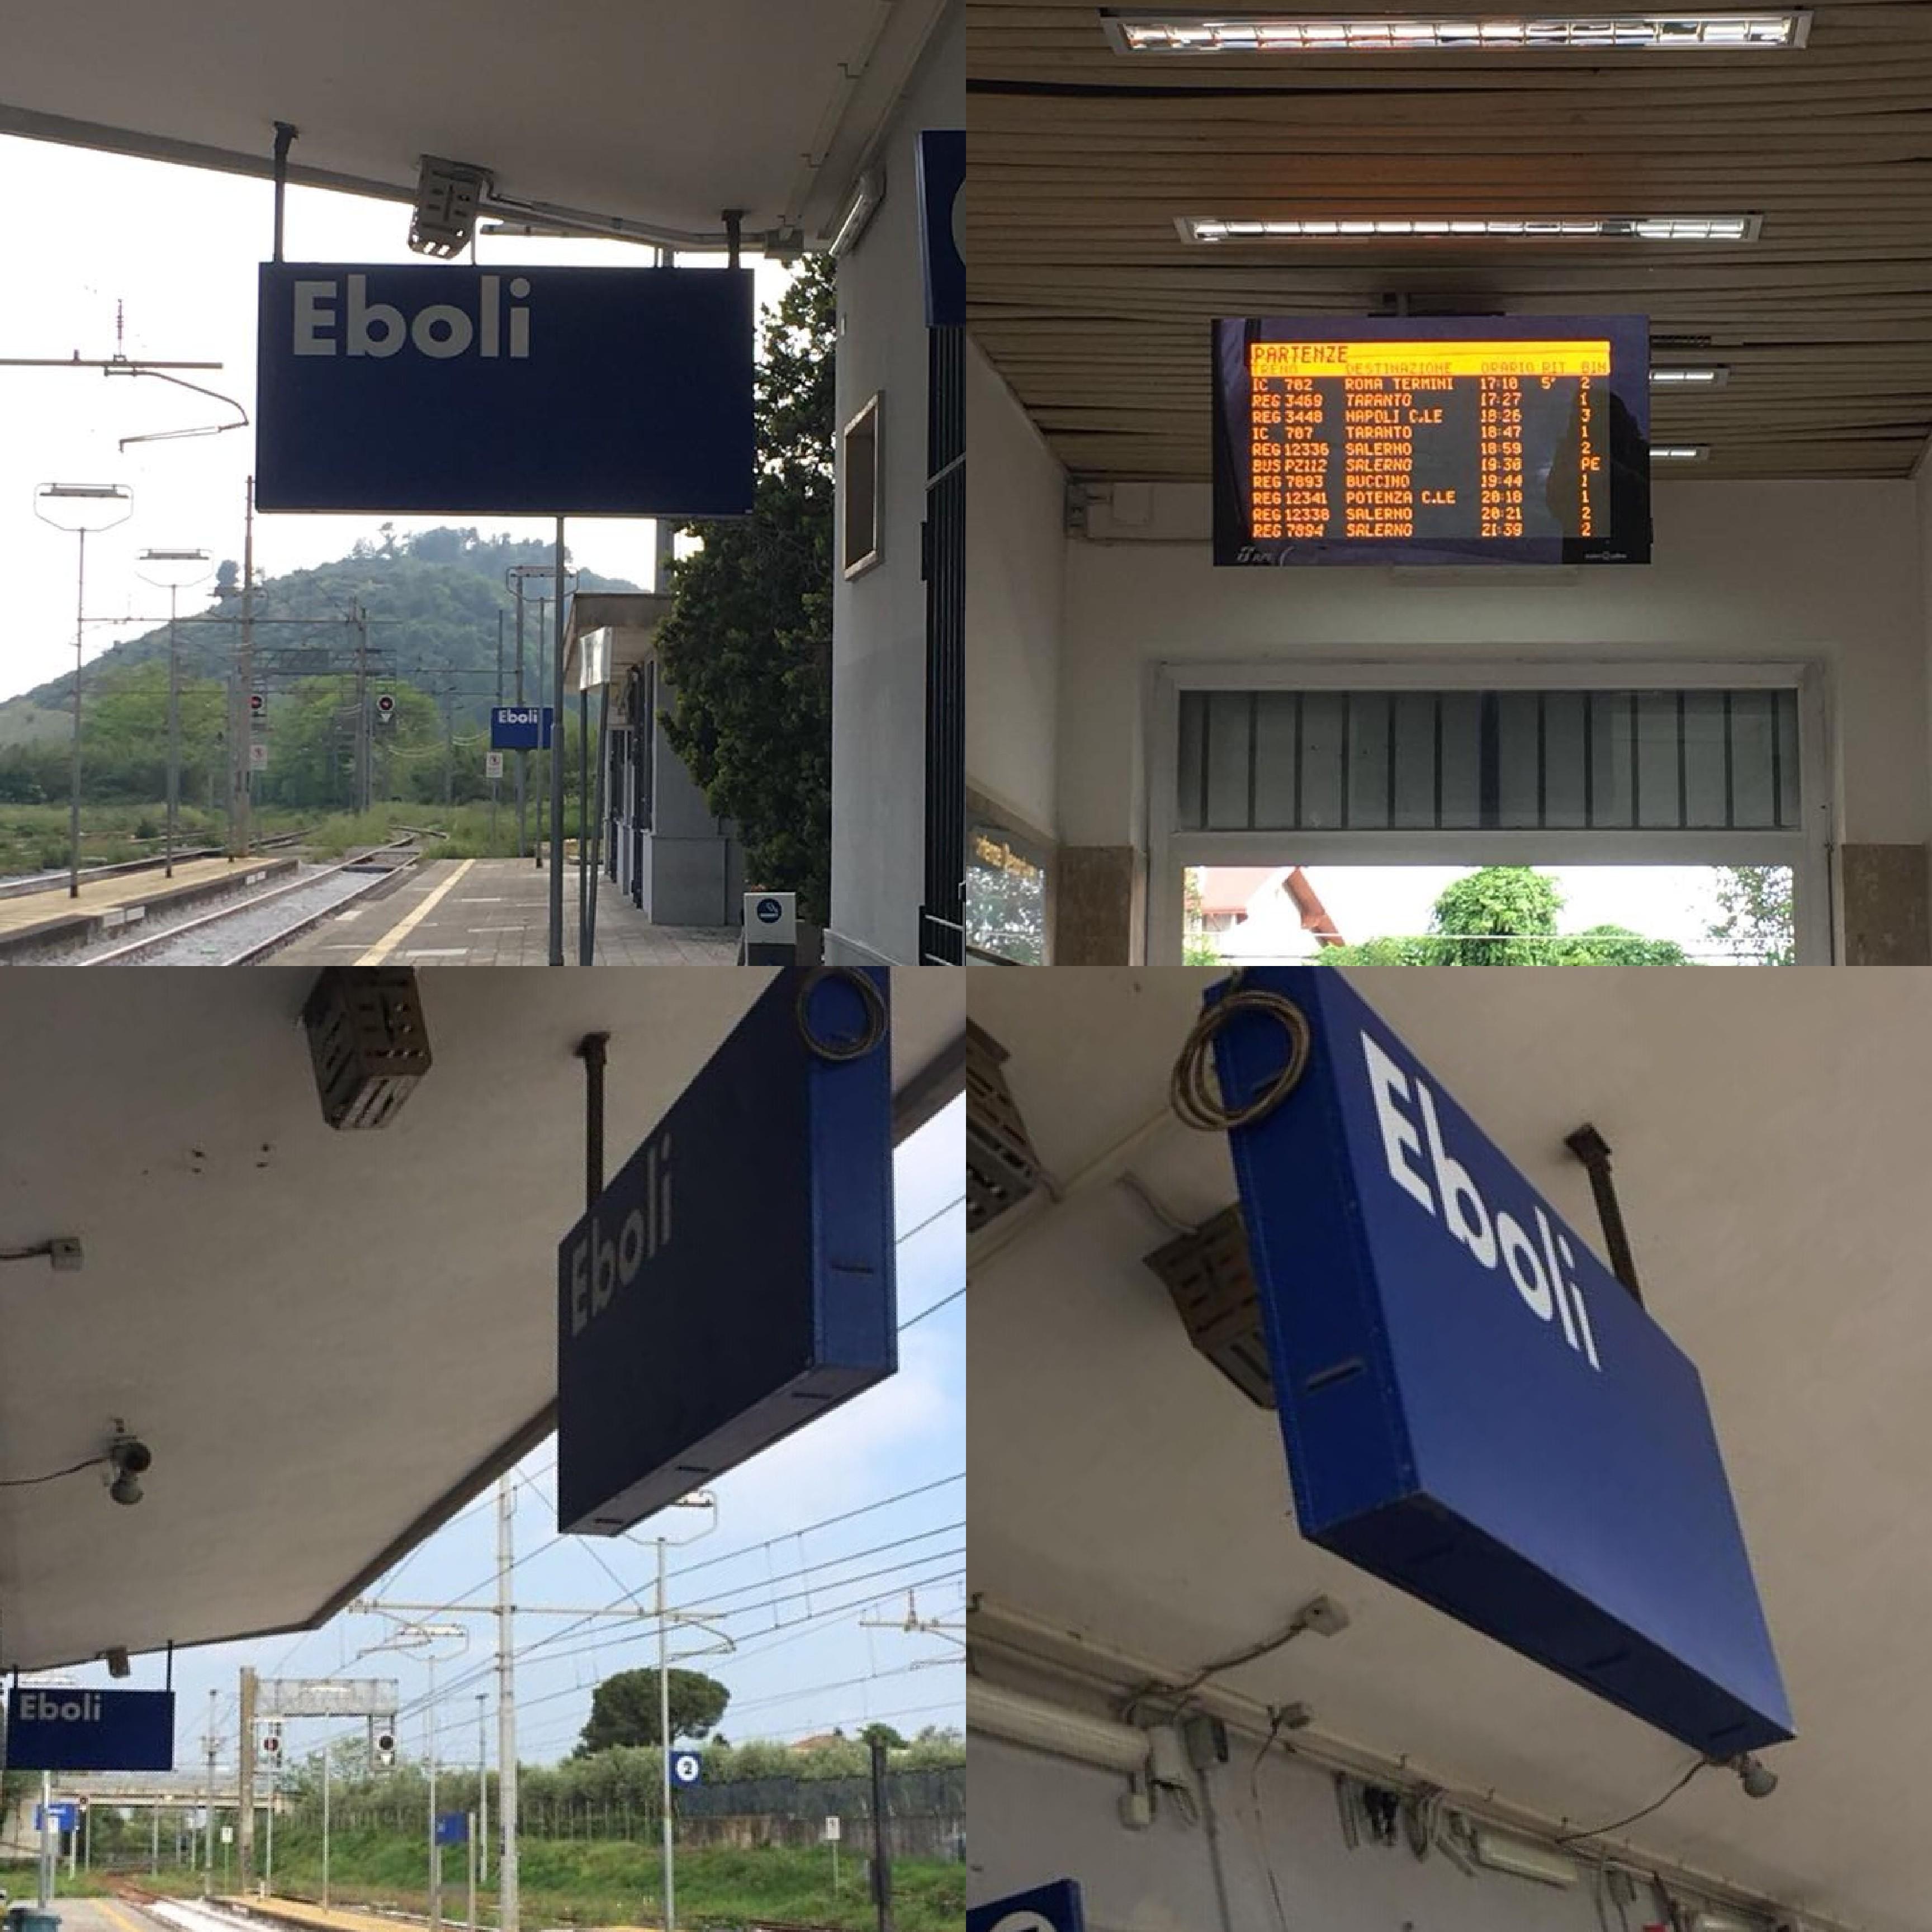 Stazione di Eboli-Monitor-tabelle